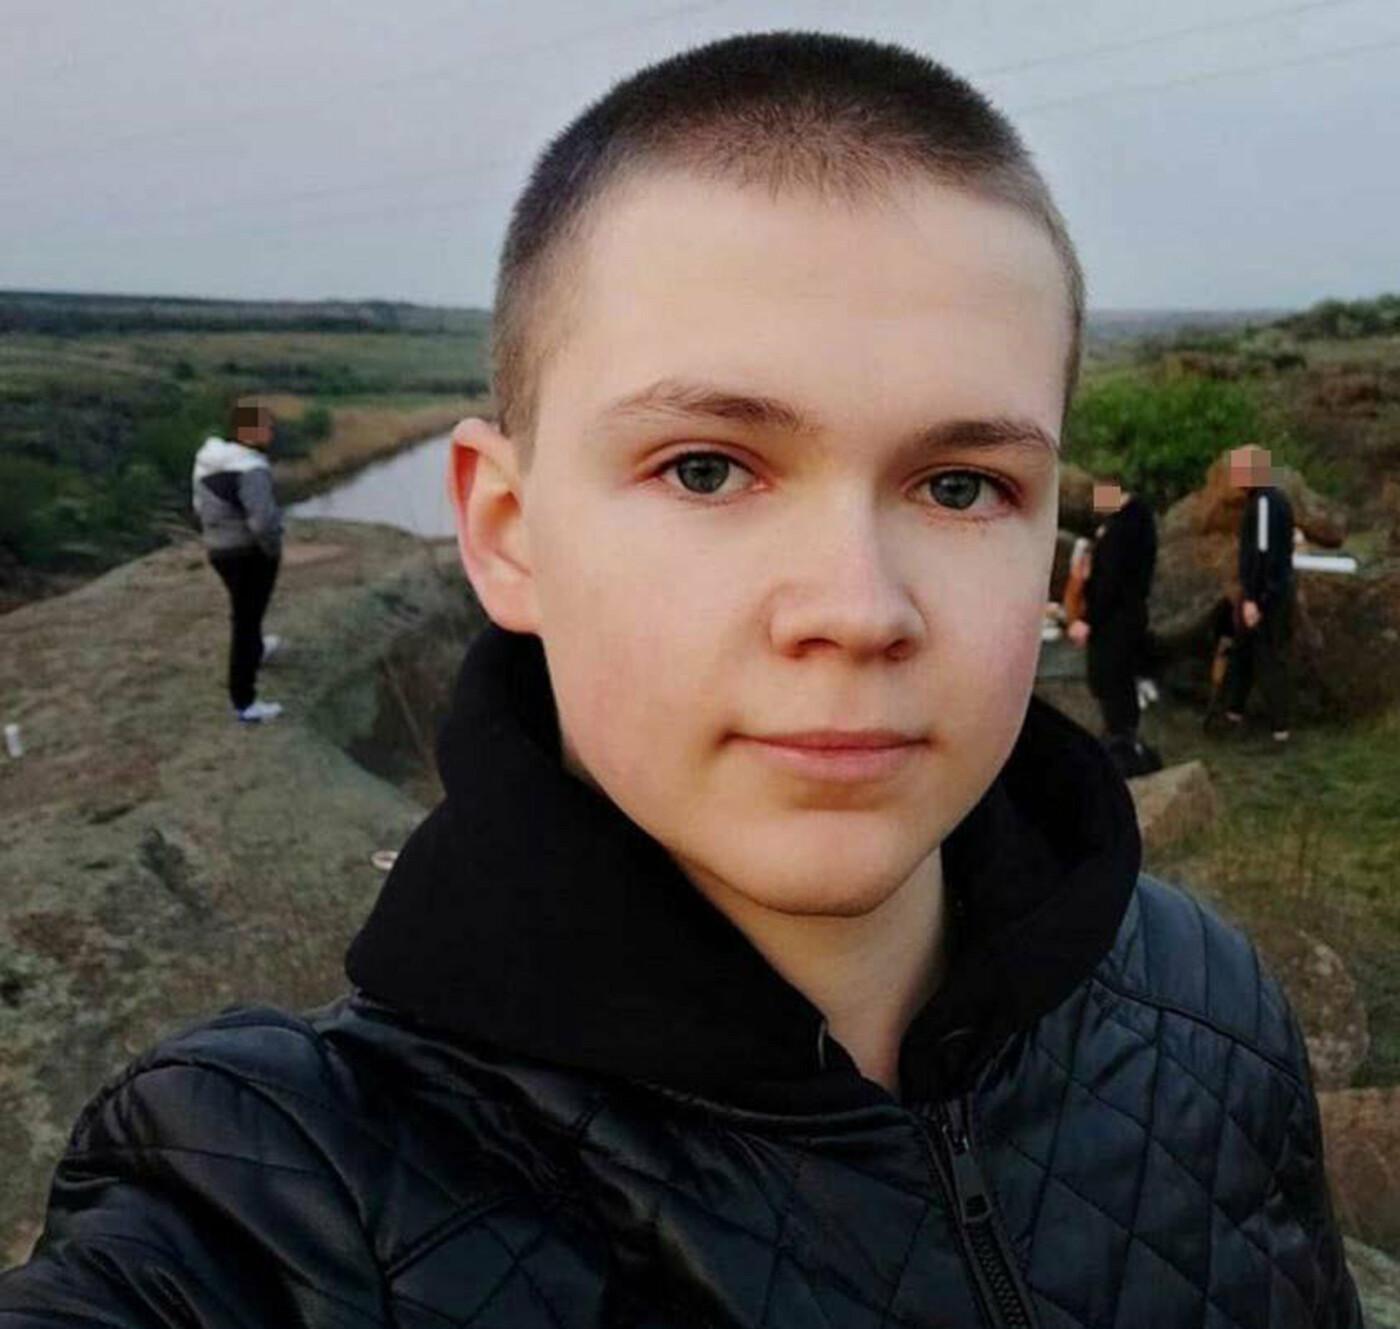 Полиция Днепропетровщины разыскивает пропавшего парня, фото-1